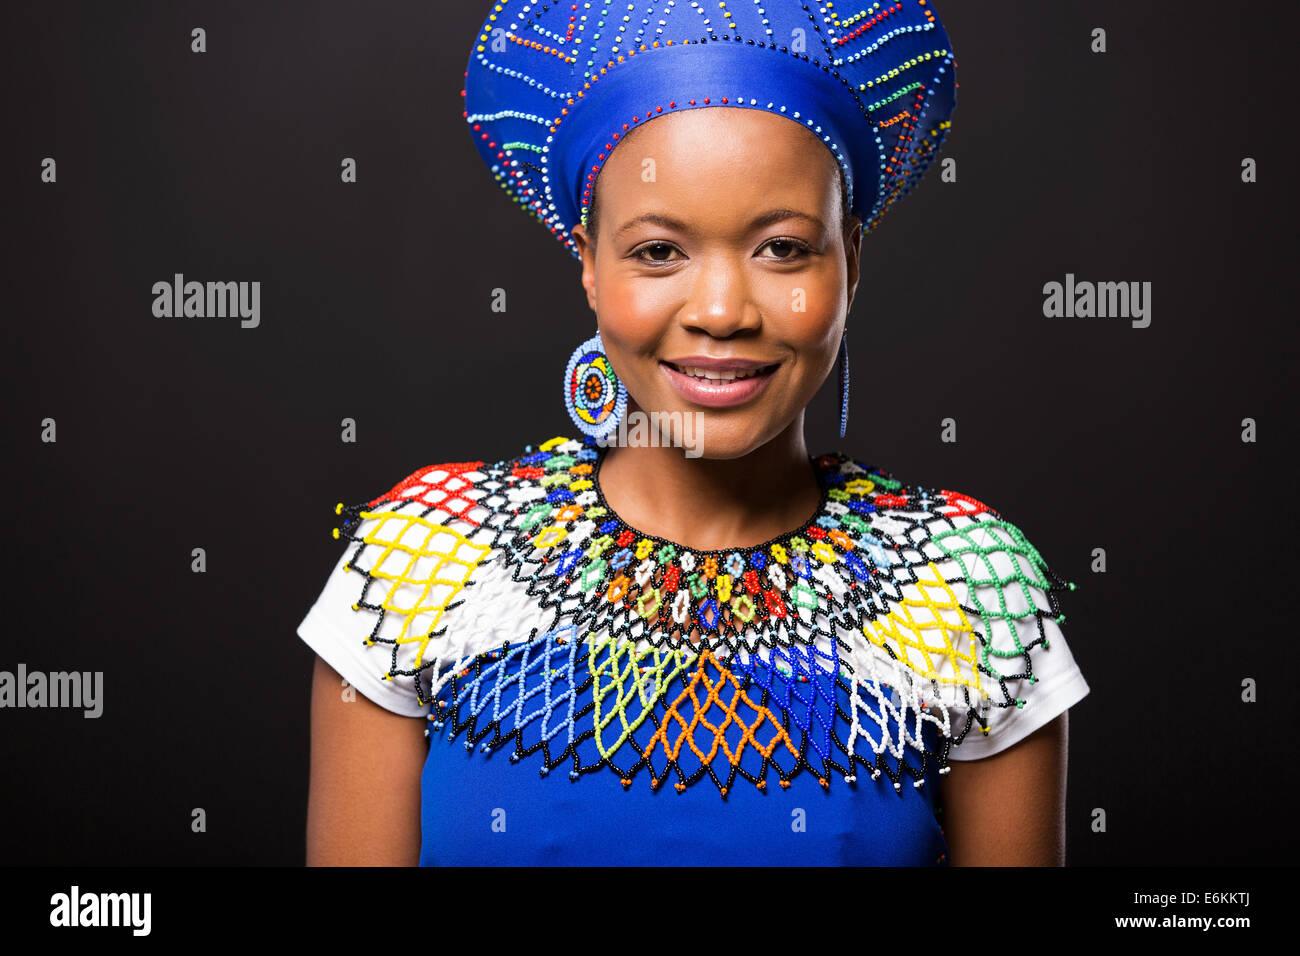 schöne afrikanische Frau in traditioneller Kleidung Porträt auf schwarzem Hintergrund Stockbild